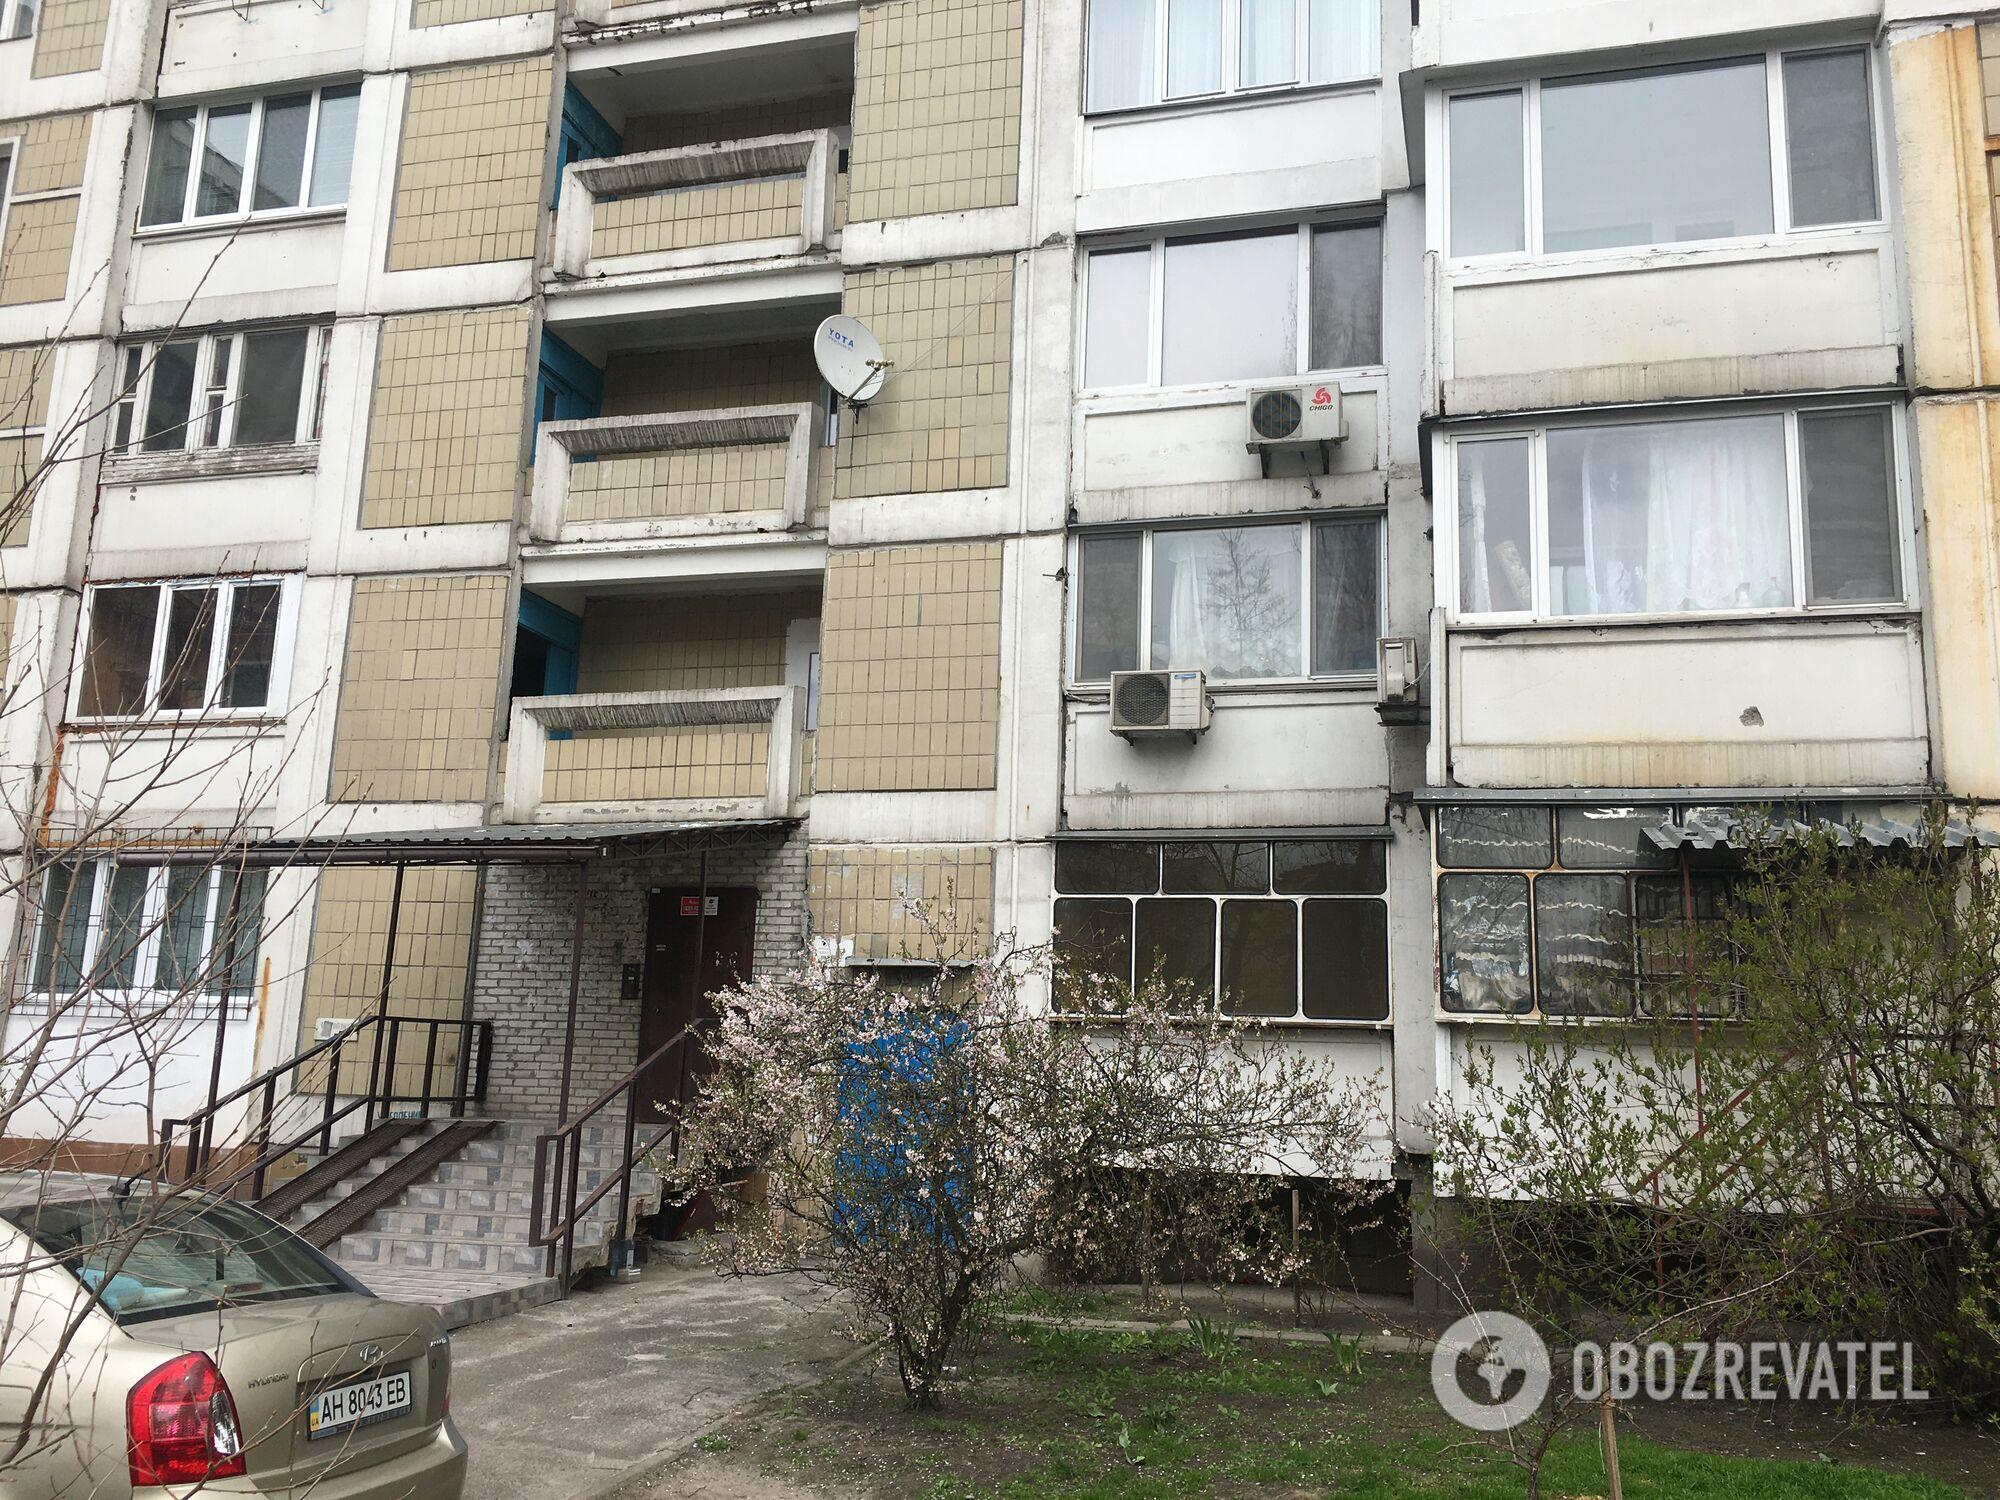 Багатоповерхівка на вул. Ревуцького, 44 у Києві